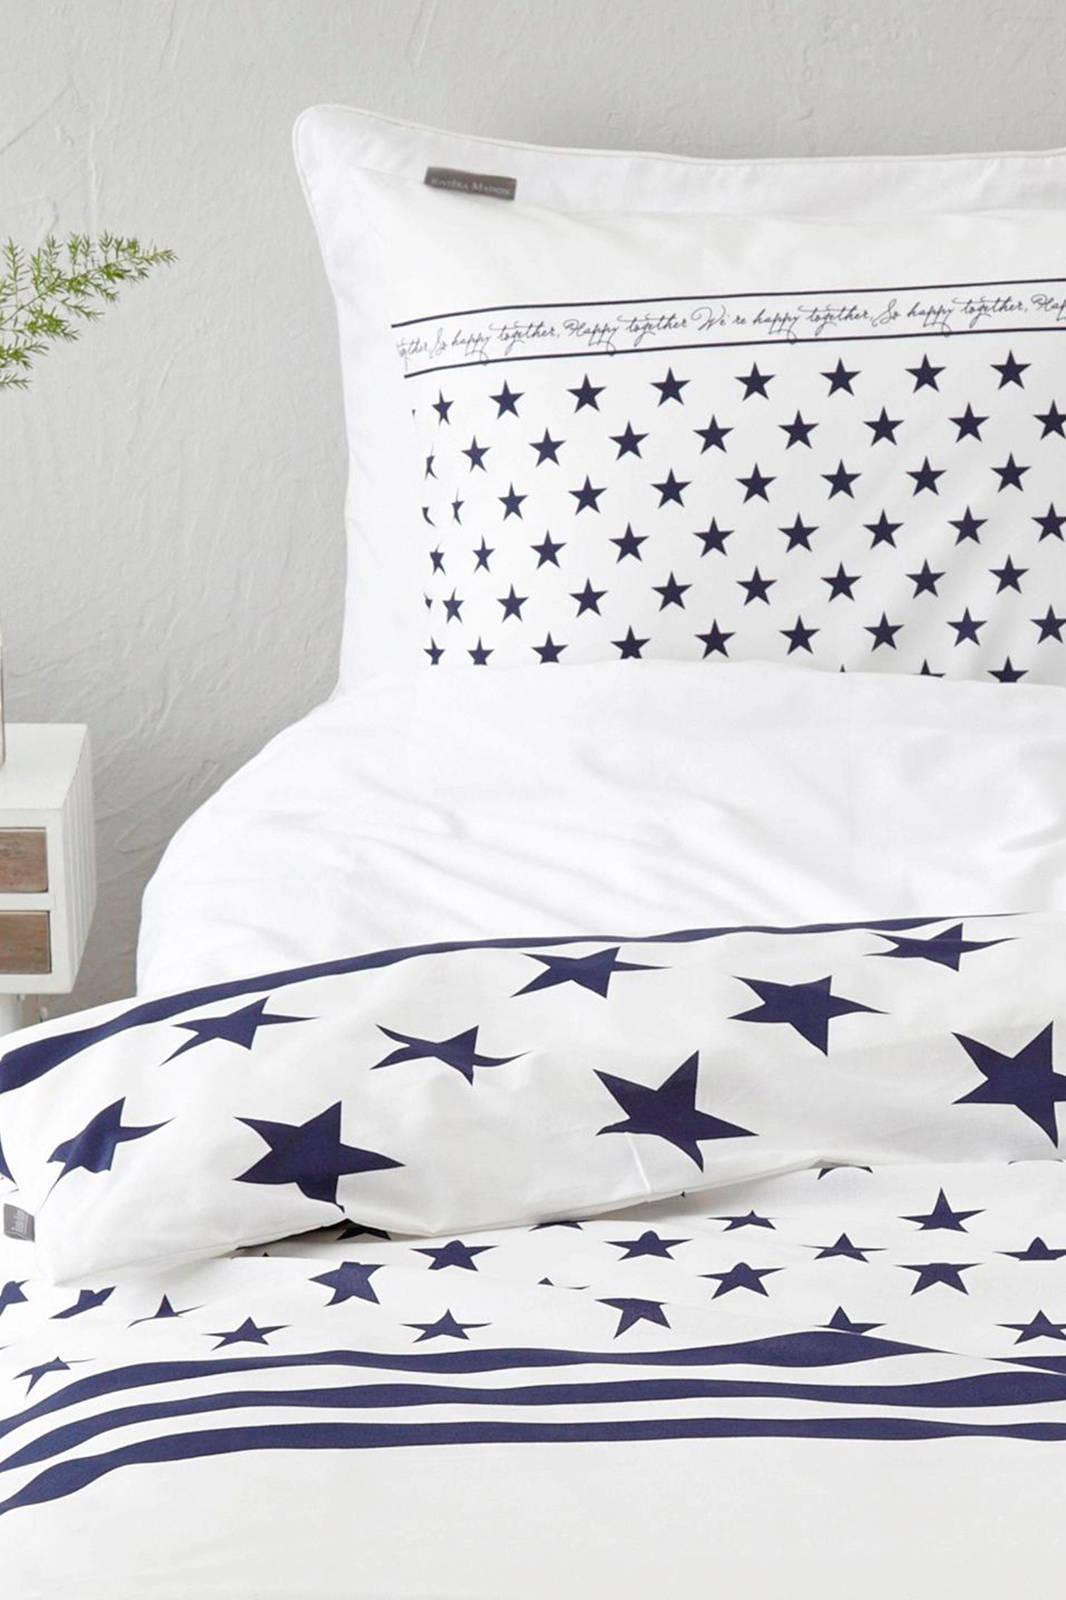 riviera maison katoenen dekbedovertrek lits jumeaux wit